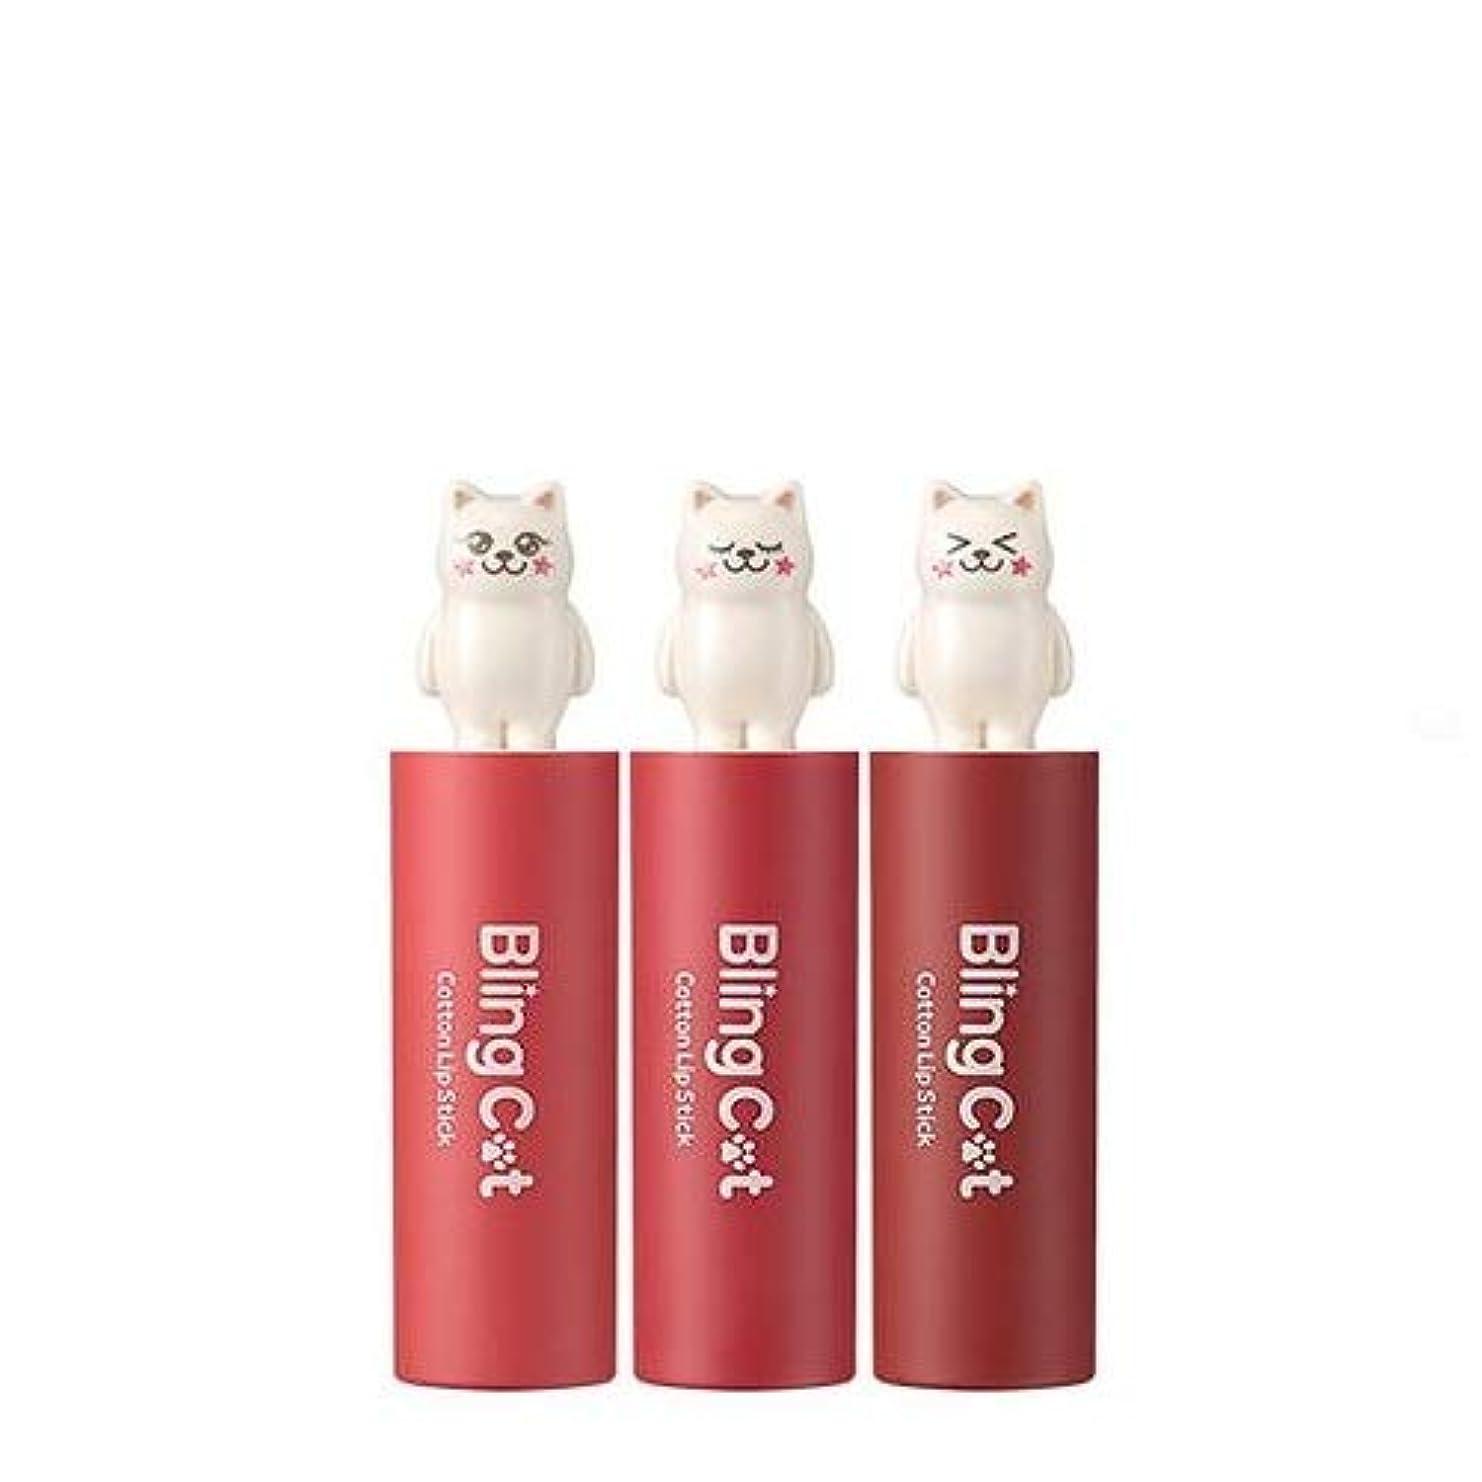 ネックレス汚染するメンバートニーモリー ブリングキャット コットン リップスティック 3.4g / TONYMOLY Bling Cat Cotton Lipstick # 10. Black Tea Plum [並行輸入品]